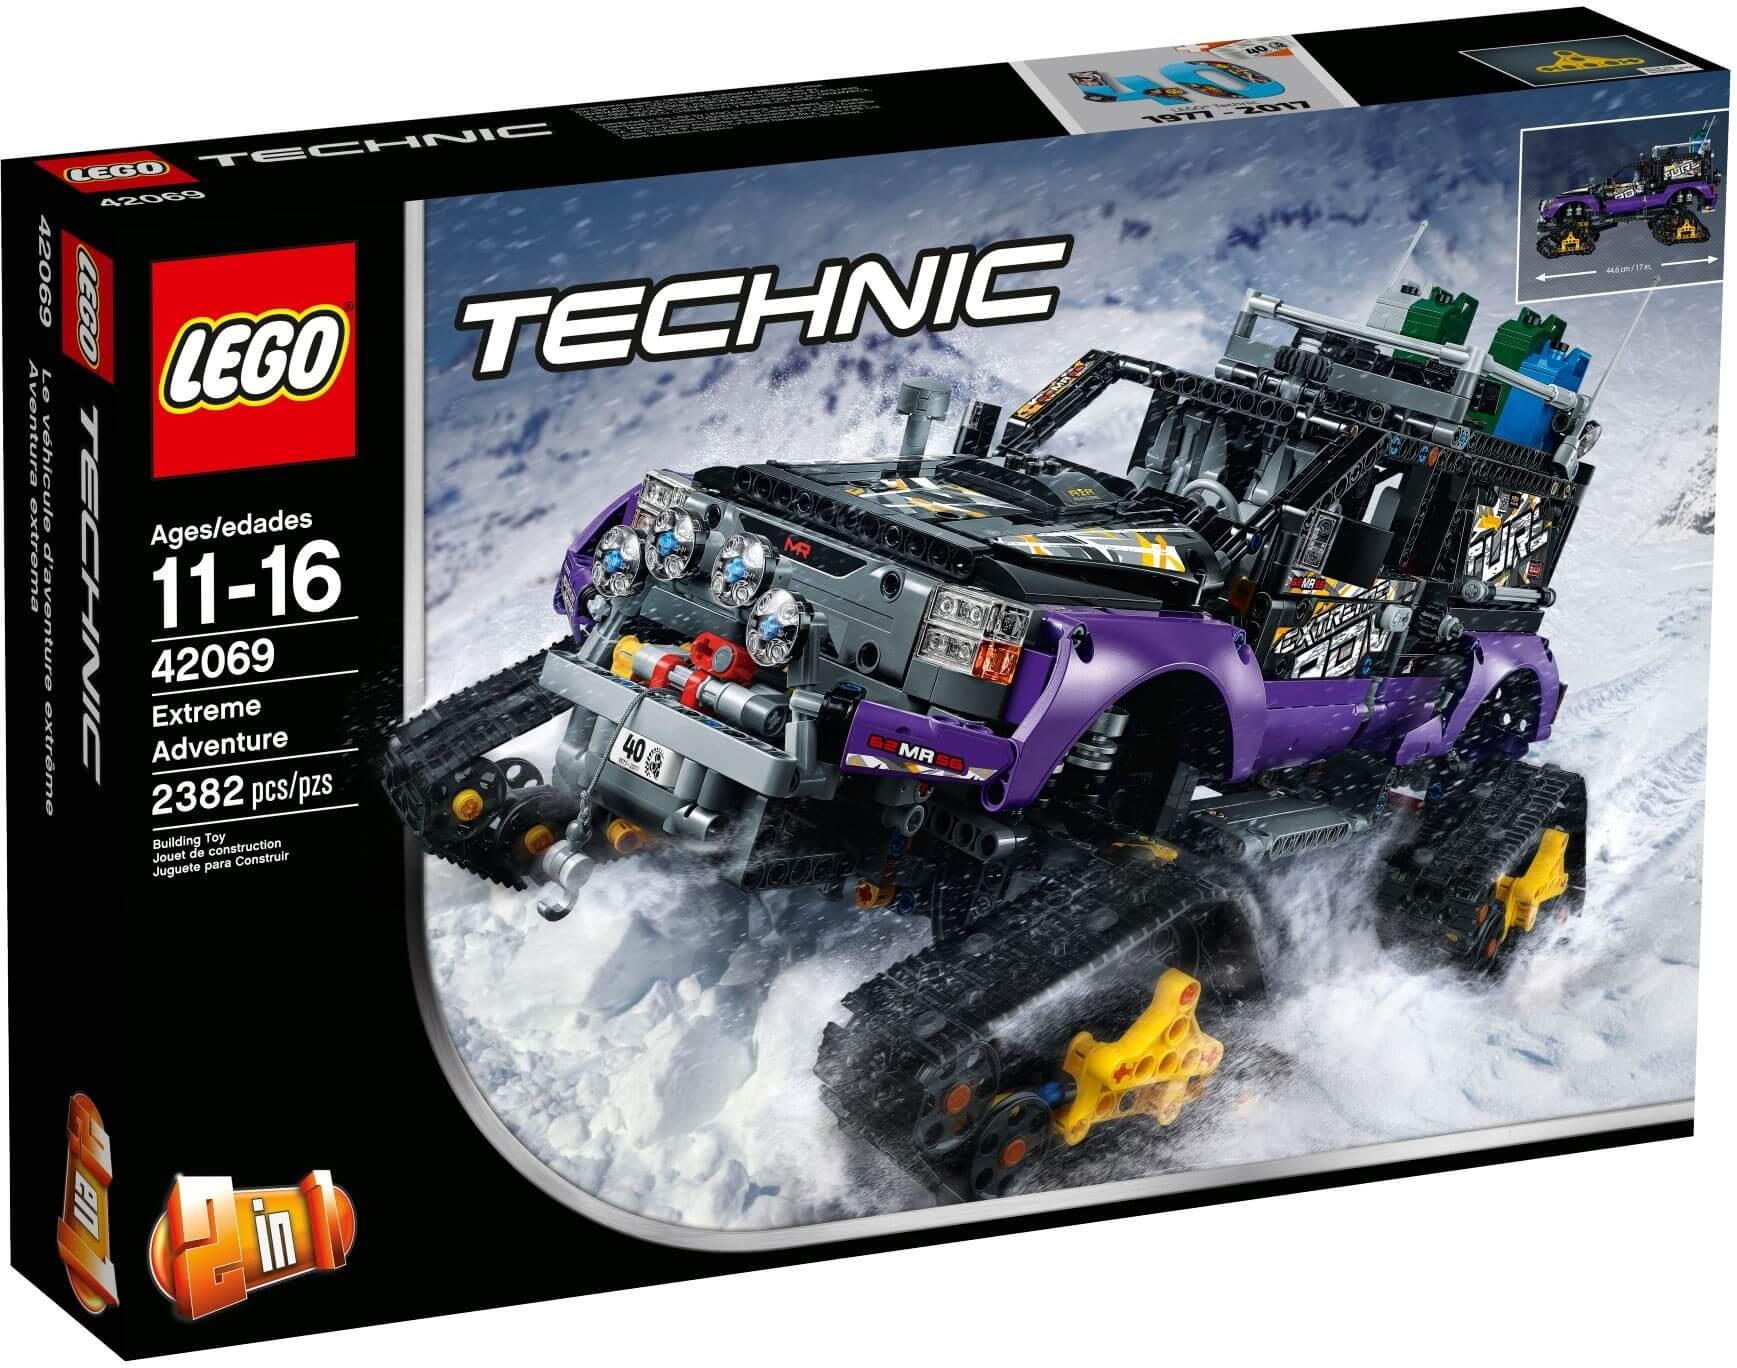 Mua đồ chơi LEGO 42069 - LEGO Technic 42069 - Xe Địa Hình Bánh Xích - Xe Tải Địa Hình 2-trong-1 (LEGO Technic Extreme Adventure)